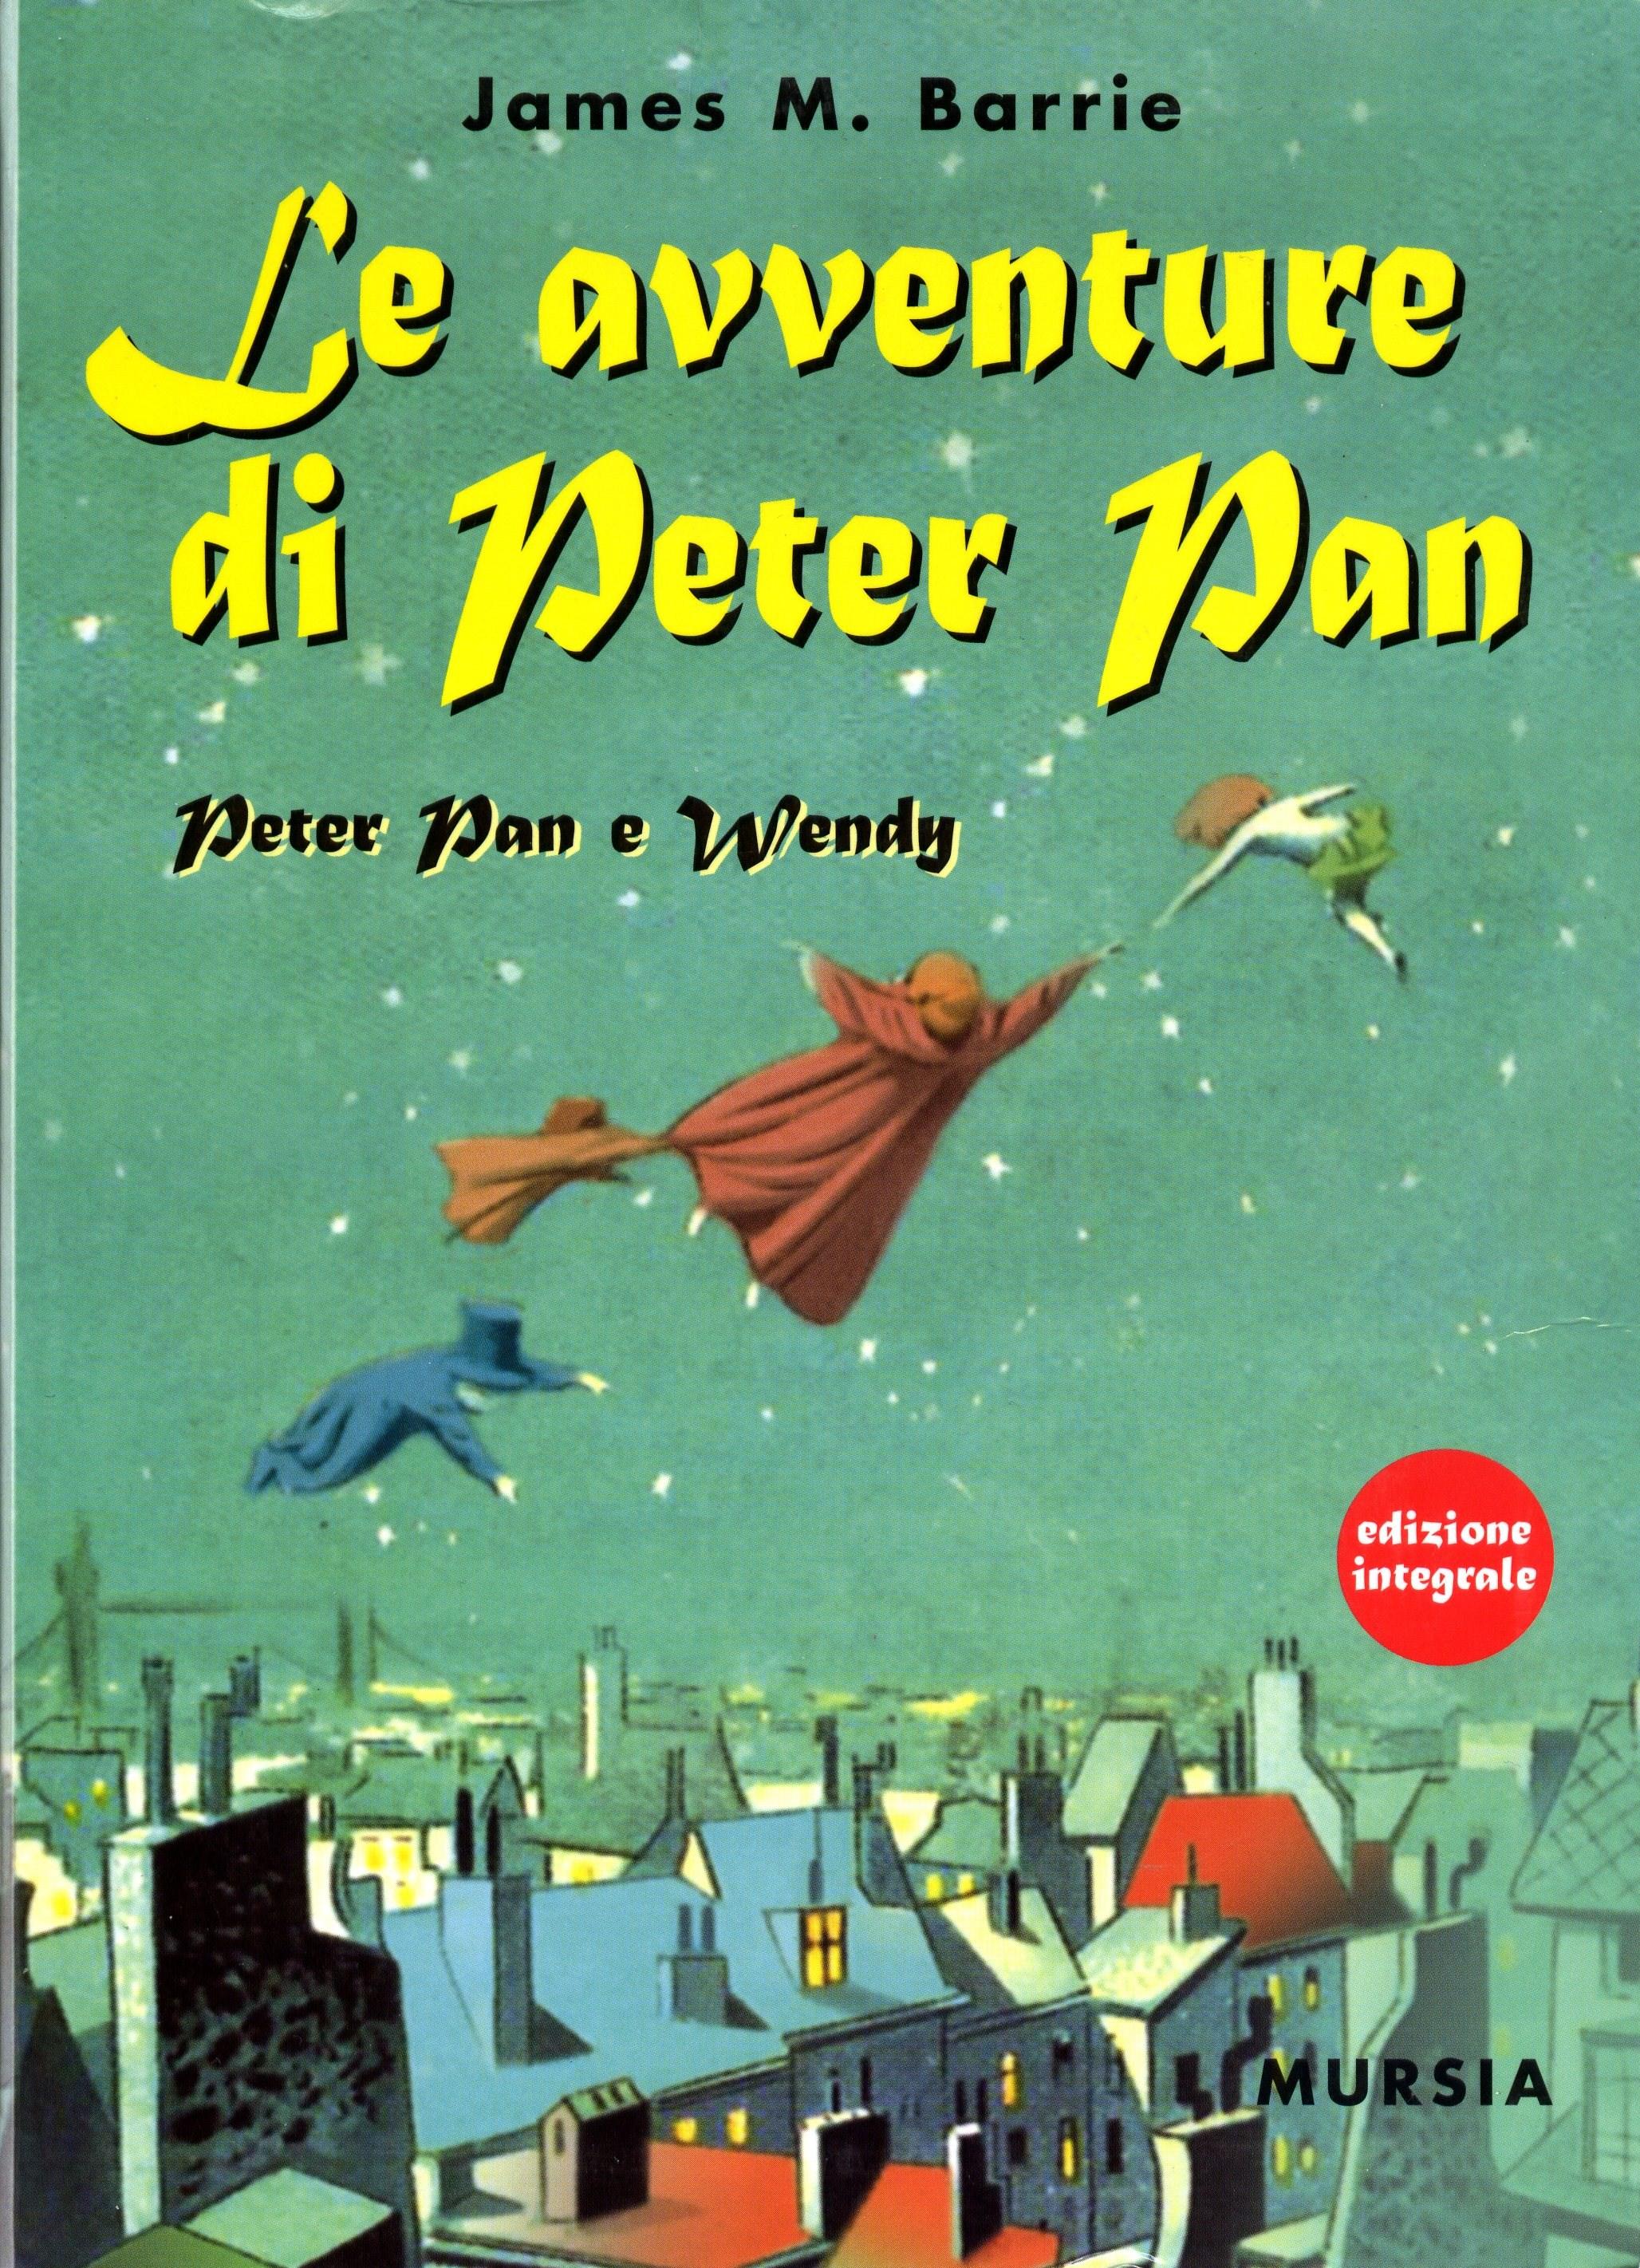 Le avventure di Pete...